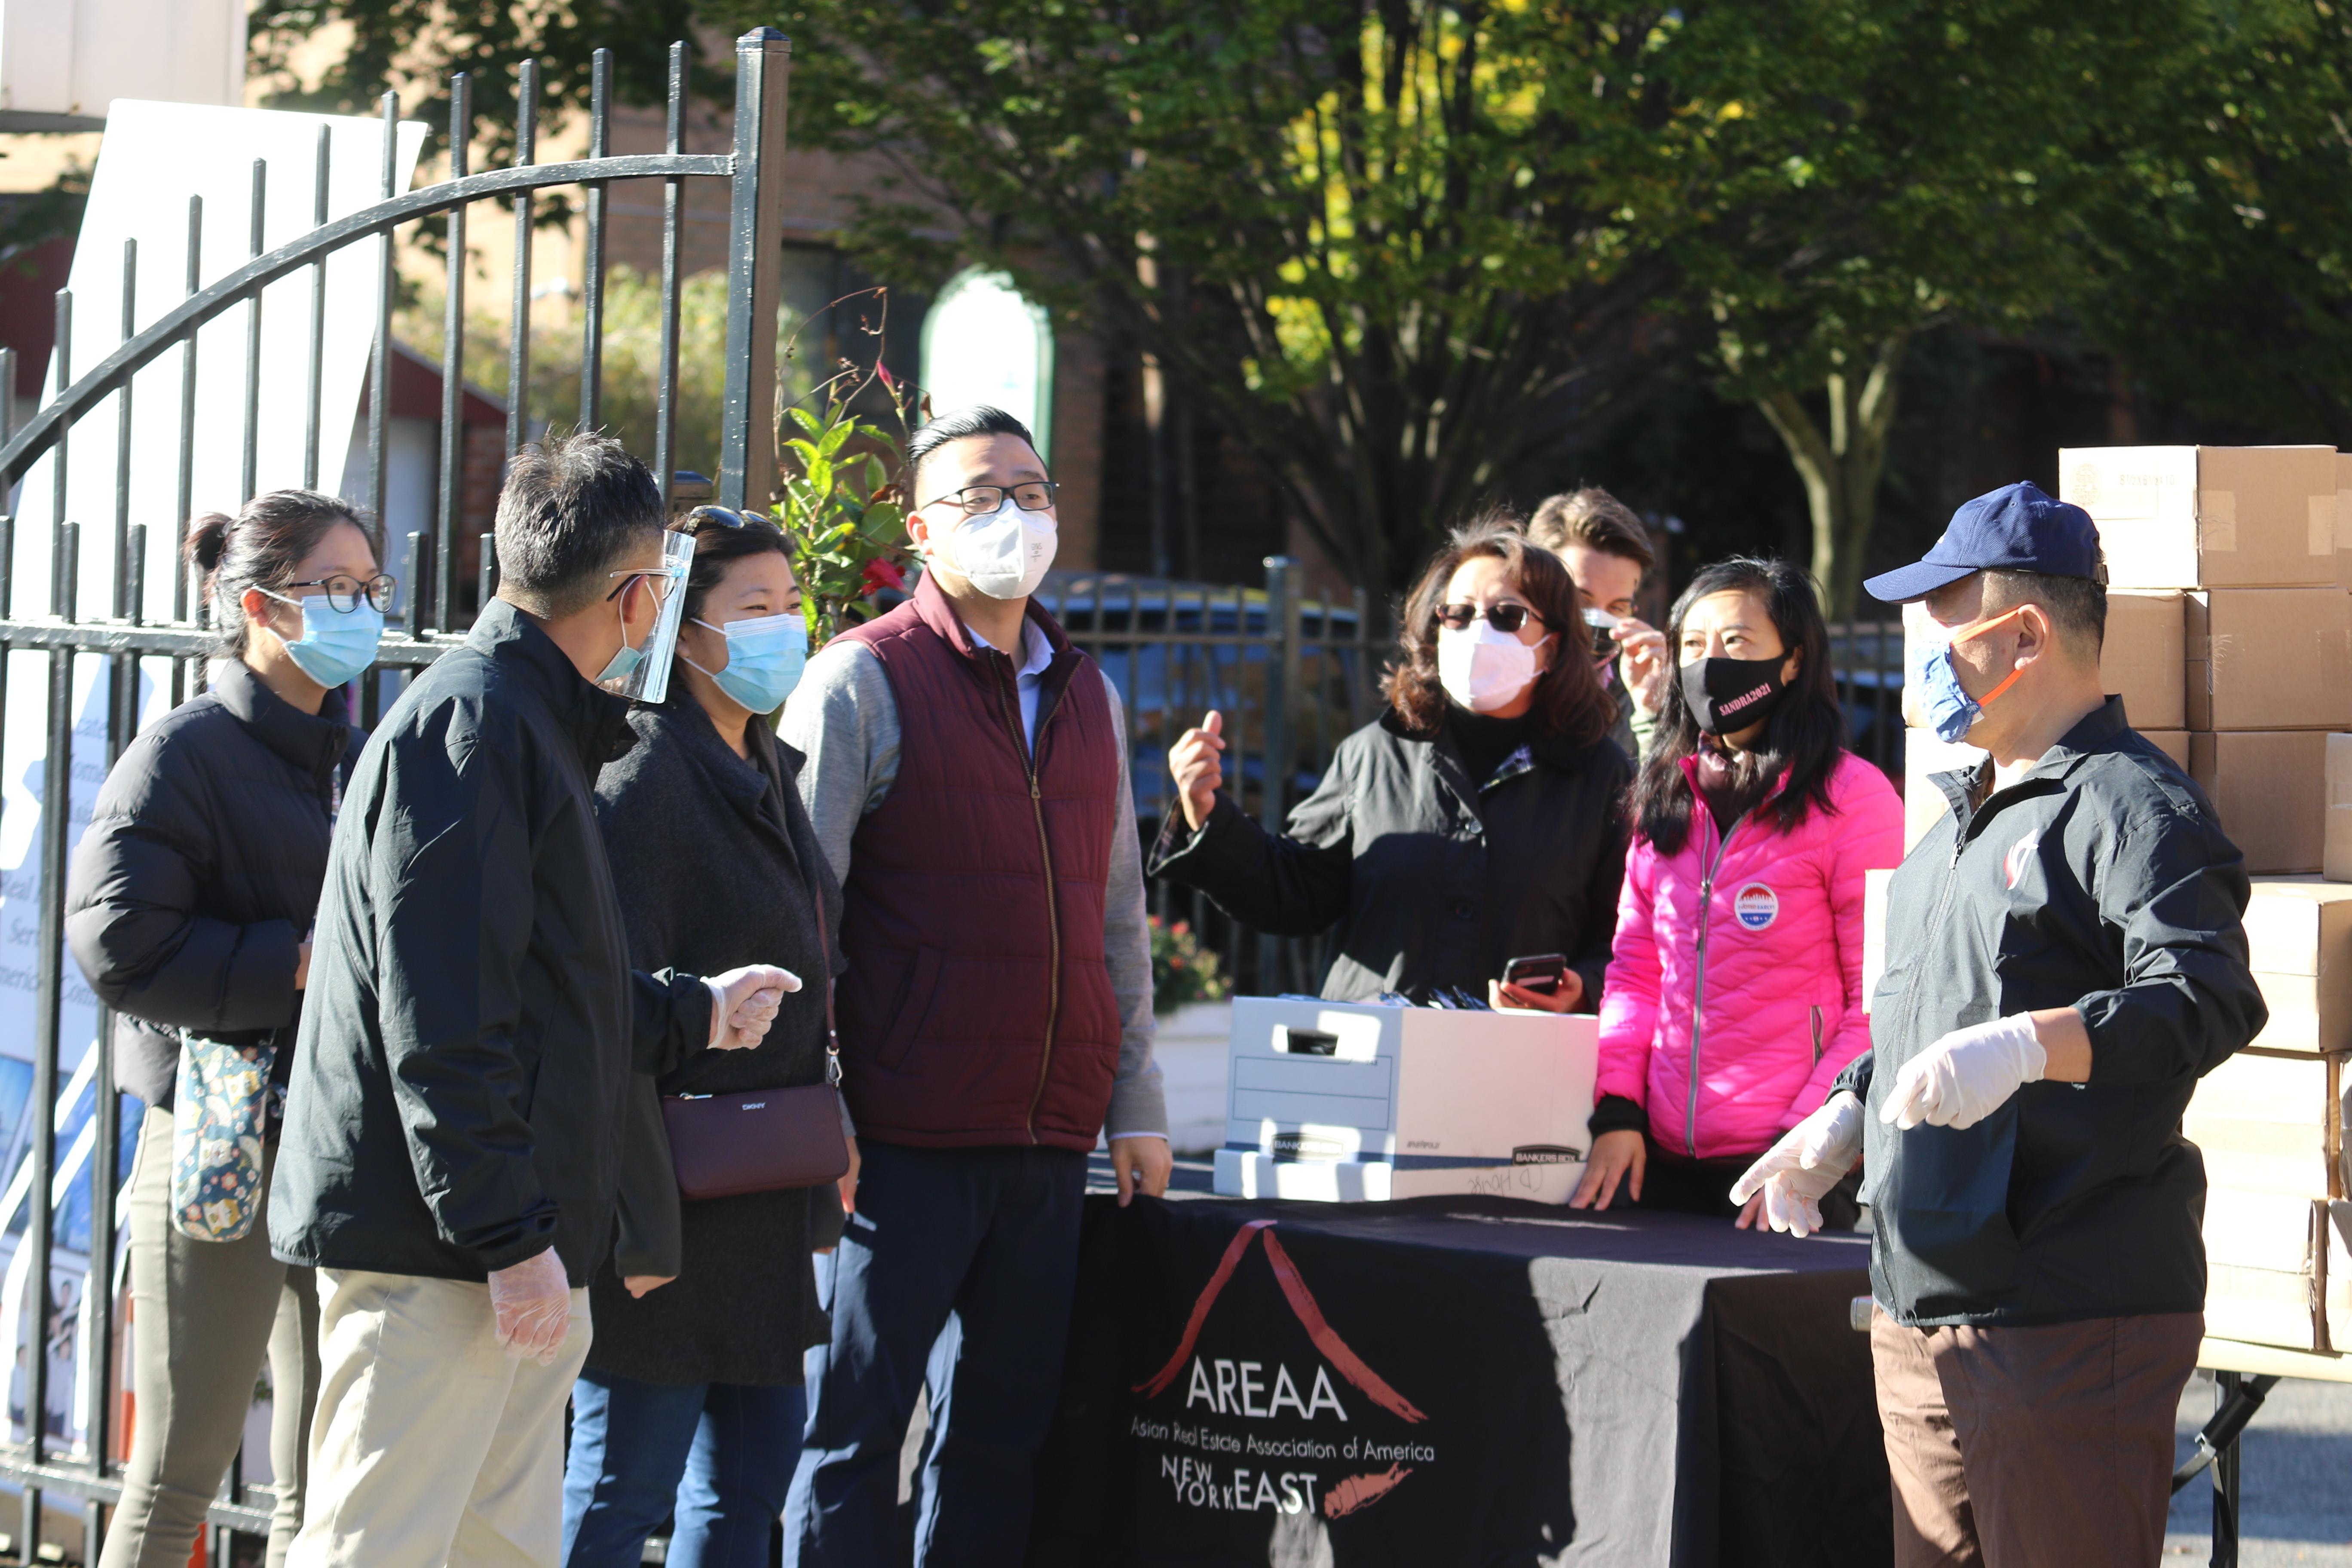 그레이스멩 뉴욕 퀸즈 지역 연방 하원의원이 AREAA(Asian Real Estate Association of America) 회원들과 함께 마스크를 나눠주기 위해 준비하고 있다. 사진, 김응선 목사, 연합감리교뉴스.